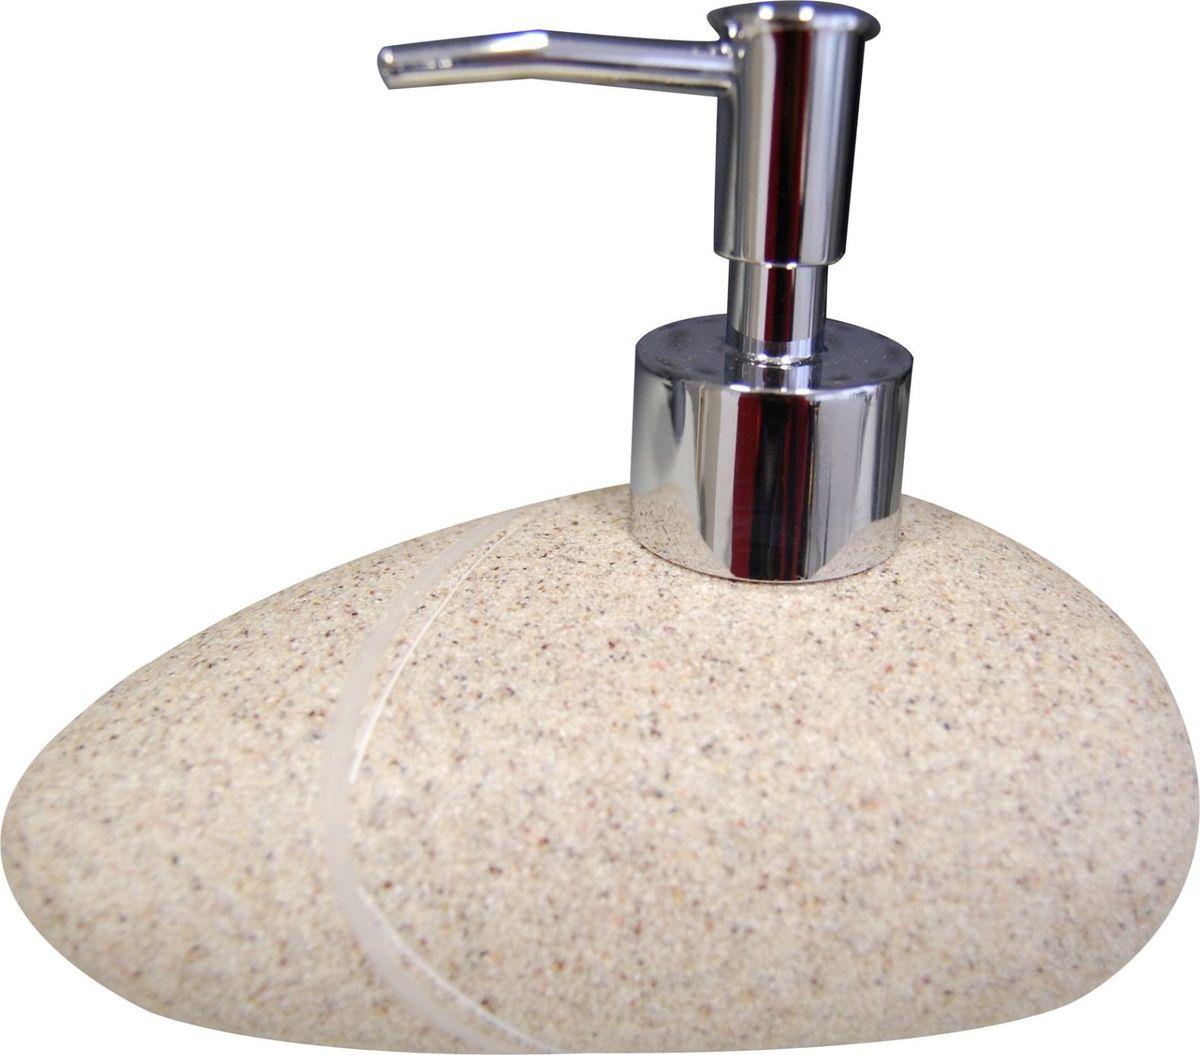 Дозатор для жидкого мыла Ridder Little Rock, цвет: бежевый22190509Изделия данной серии устойчивы к ультрафиолету, т.к. изготавливаются из полирезины. Экологичная полирезина - это твердый многокомпонентный материал на основе синтетической смолы, с добавлением каменной крошки и красящих пигментов. Объем: 200 мл.